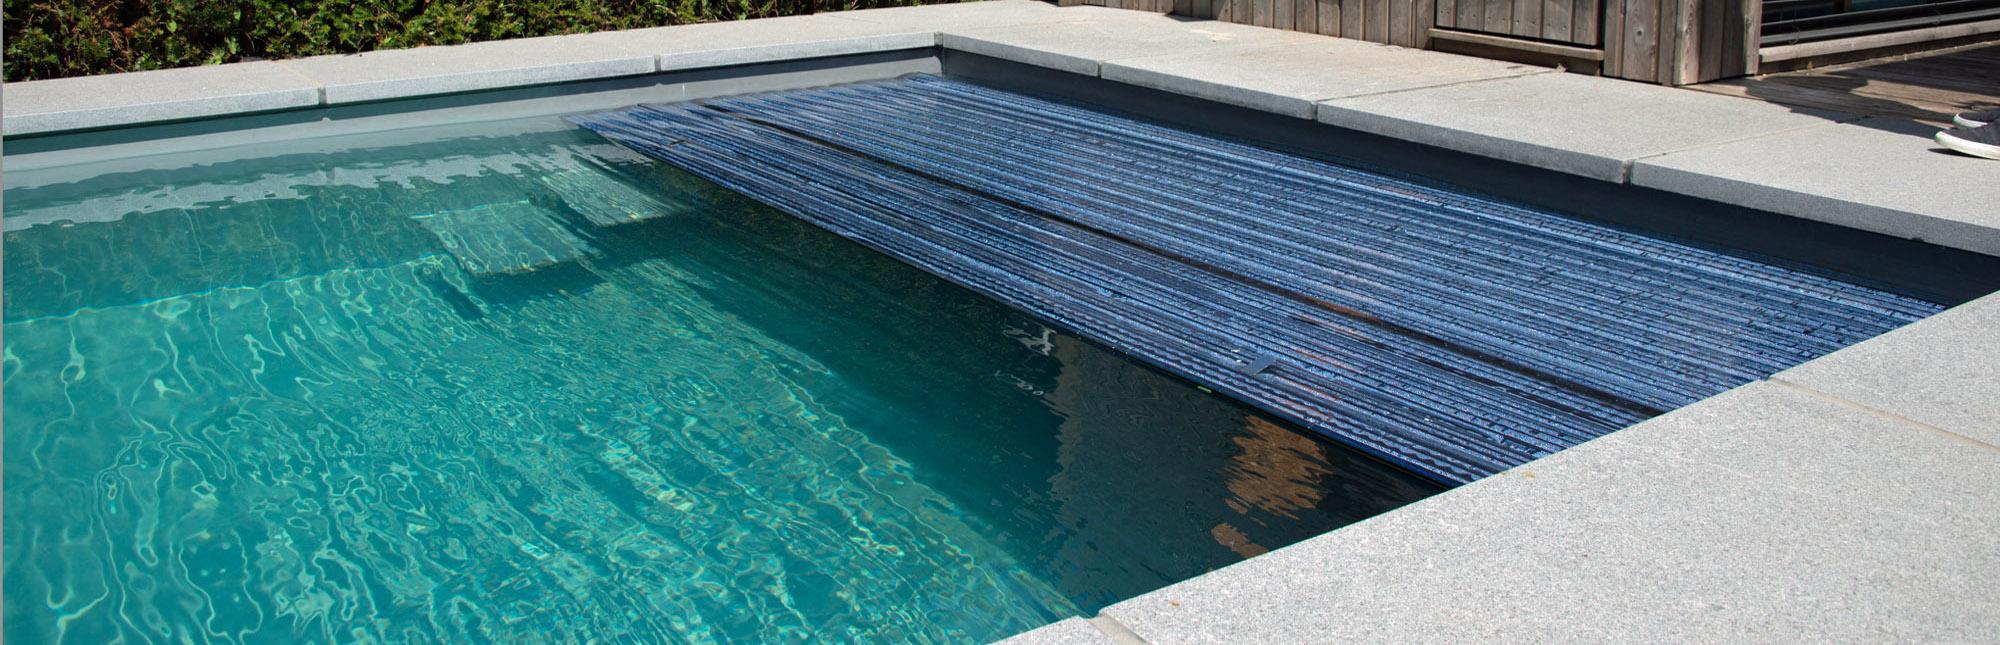 Ebenfalls mit Solar Profilen. Kindersicher wird das Schwimmbecken mit 83 mm Profilen.